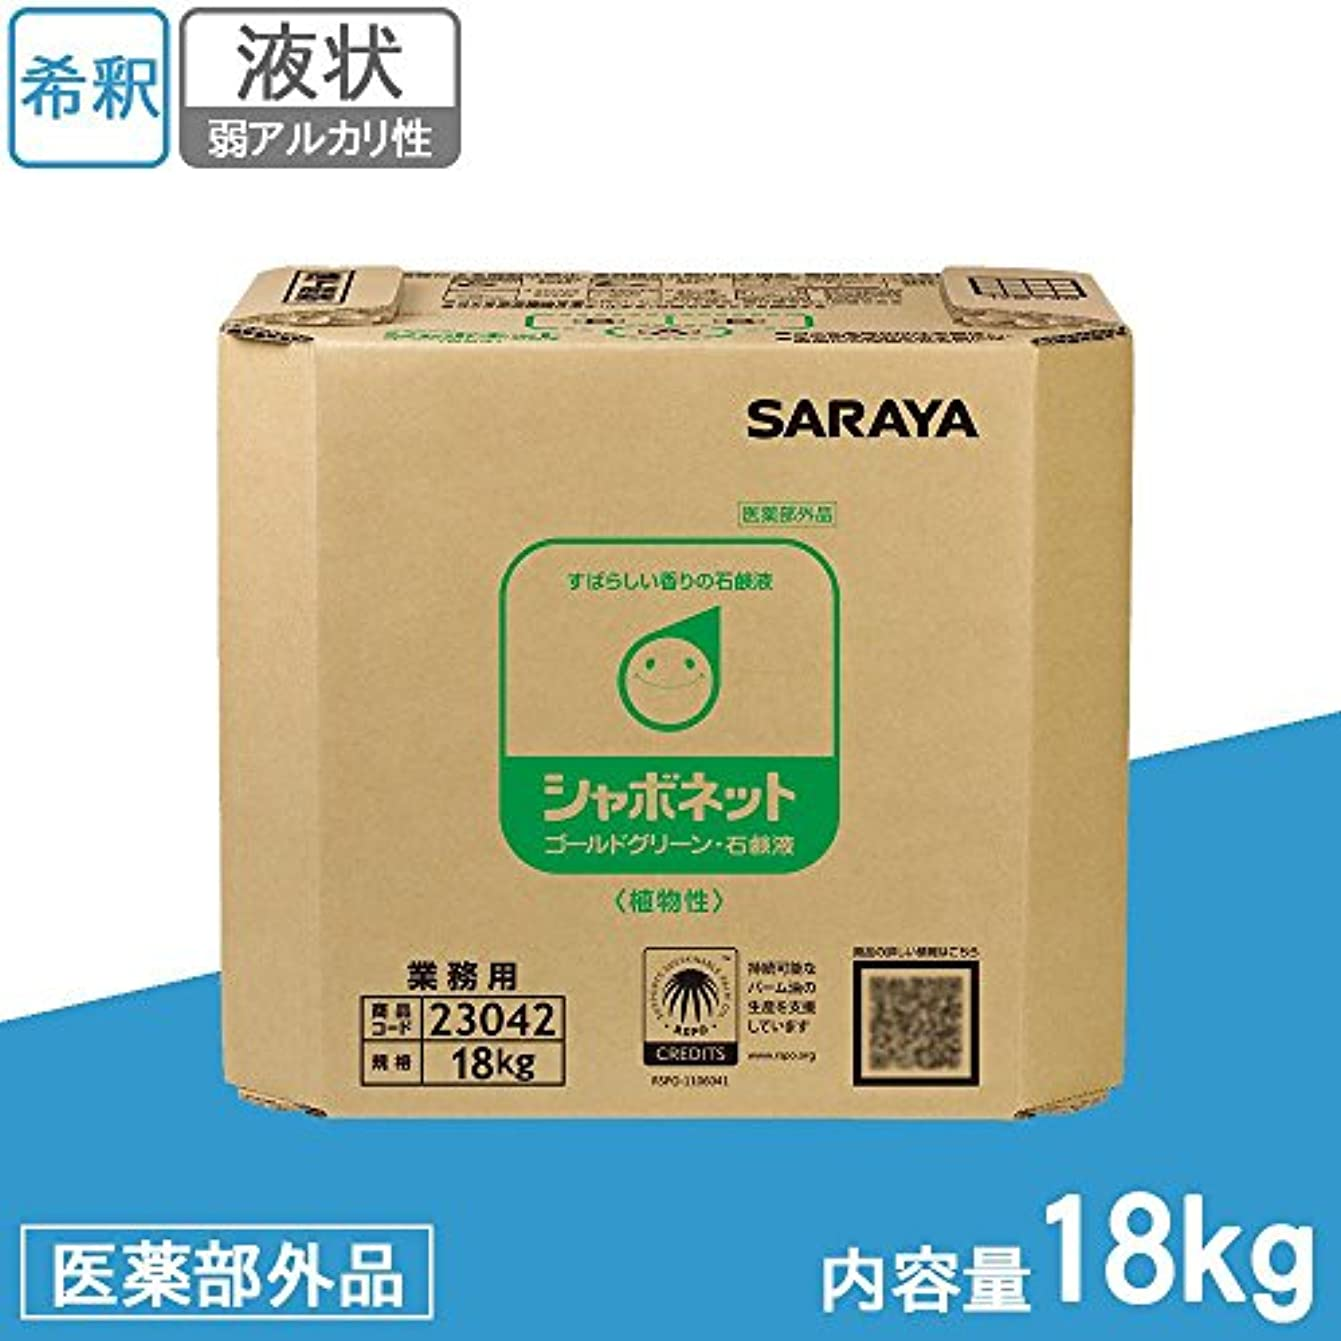 入る知性再びサラヤ 業務用 手洗い用石けん液 シャボネットゴールドグリーン スズランの香り 18kg BIB 23042 (医薬部外品)